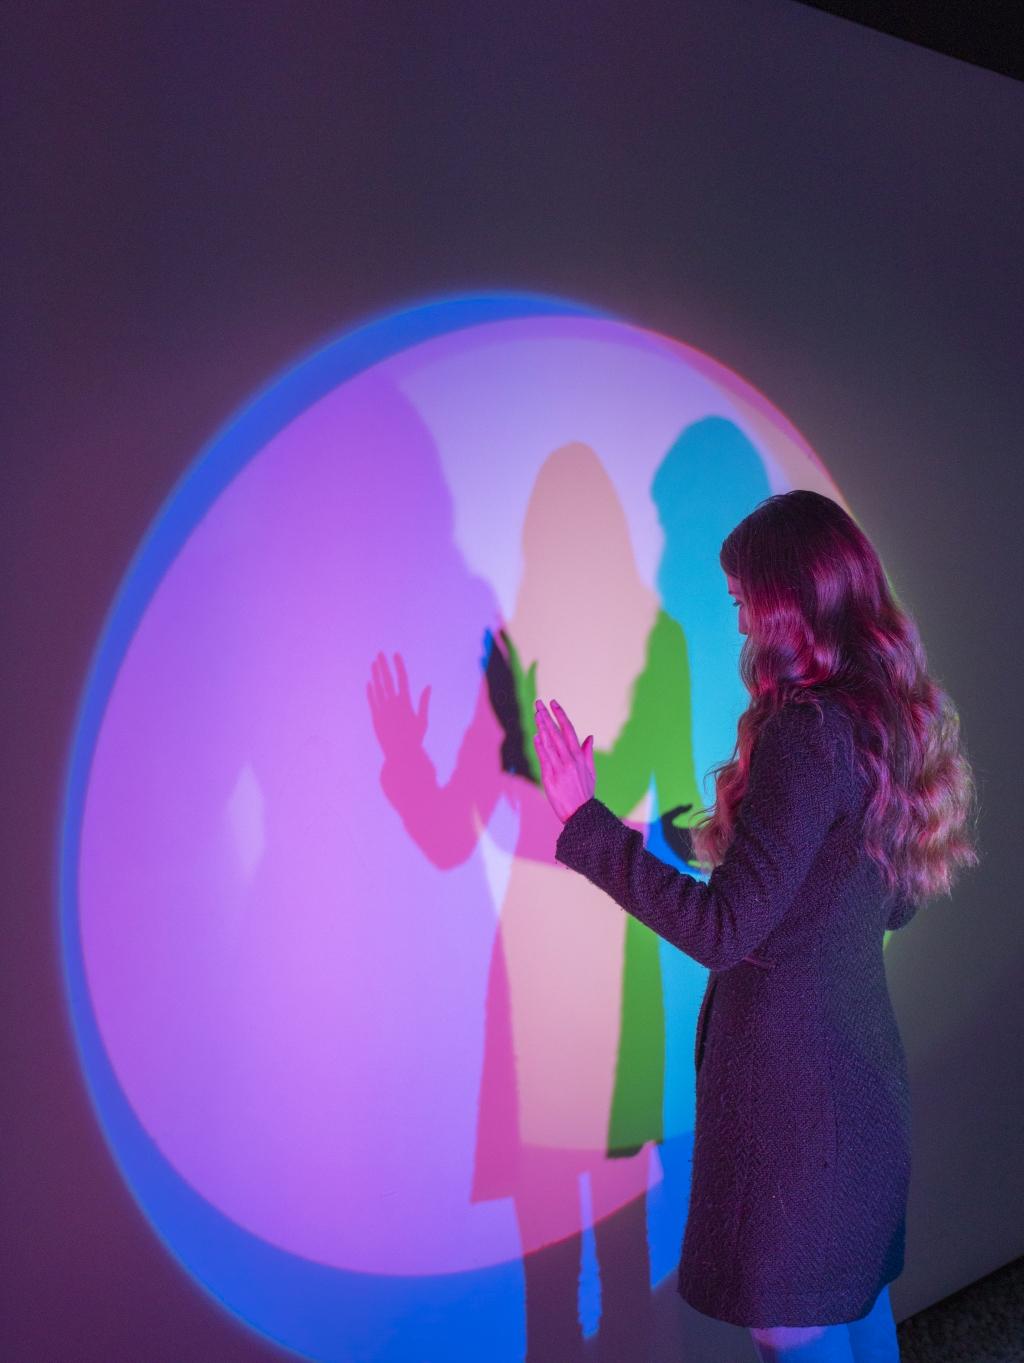 Samsung Electronics to Attend Milan Design Week 2019